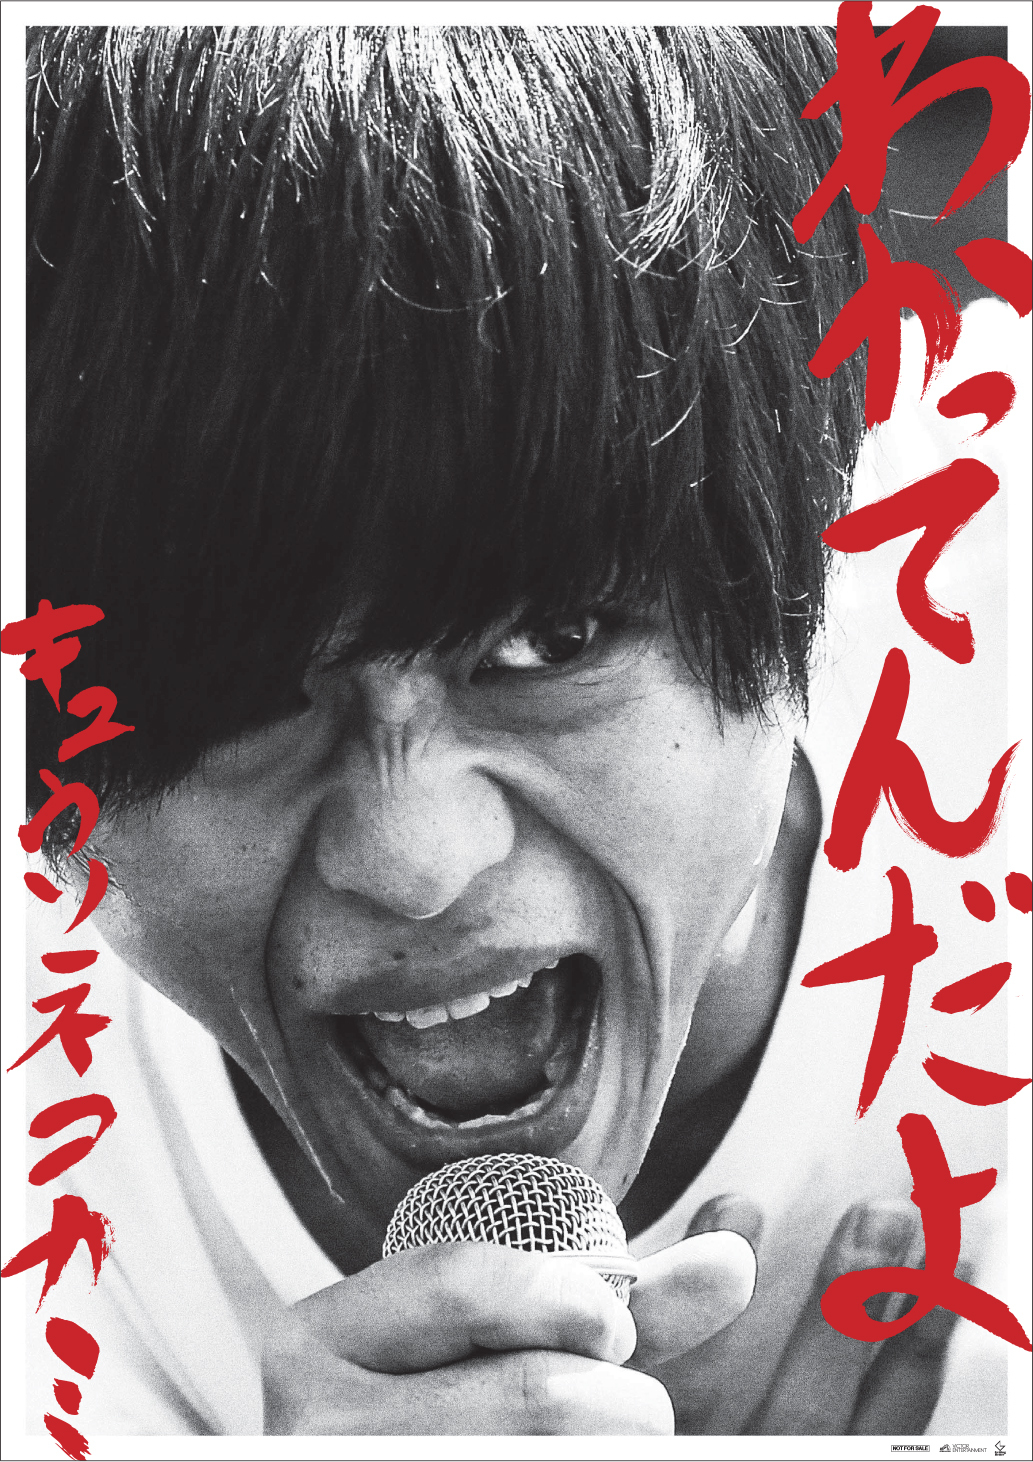 キュウソネコカミ「わかってんだよ」ポスター/タワーレコード